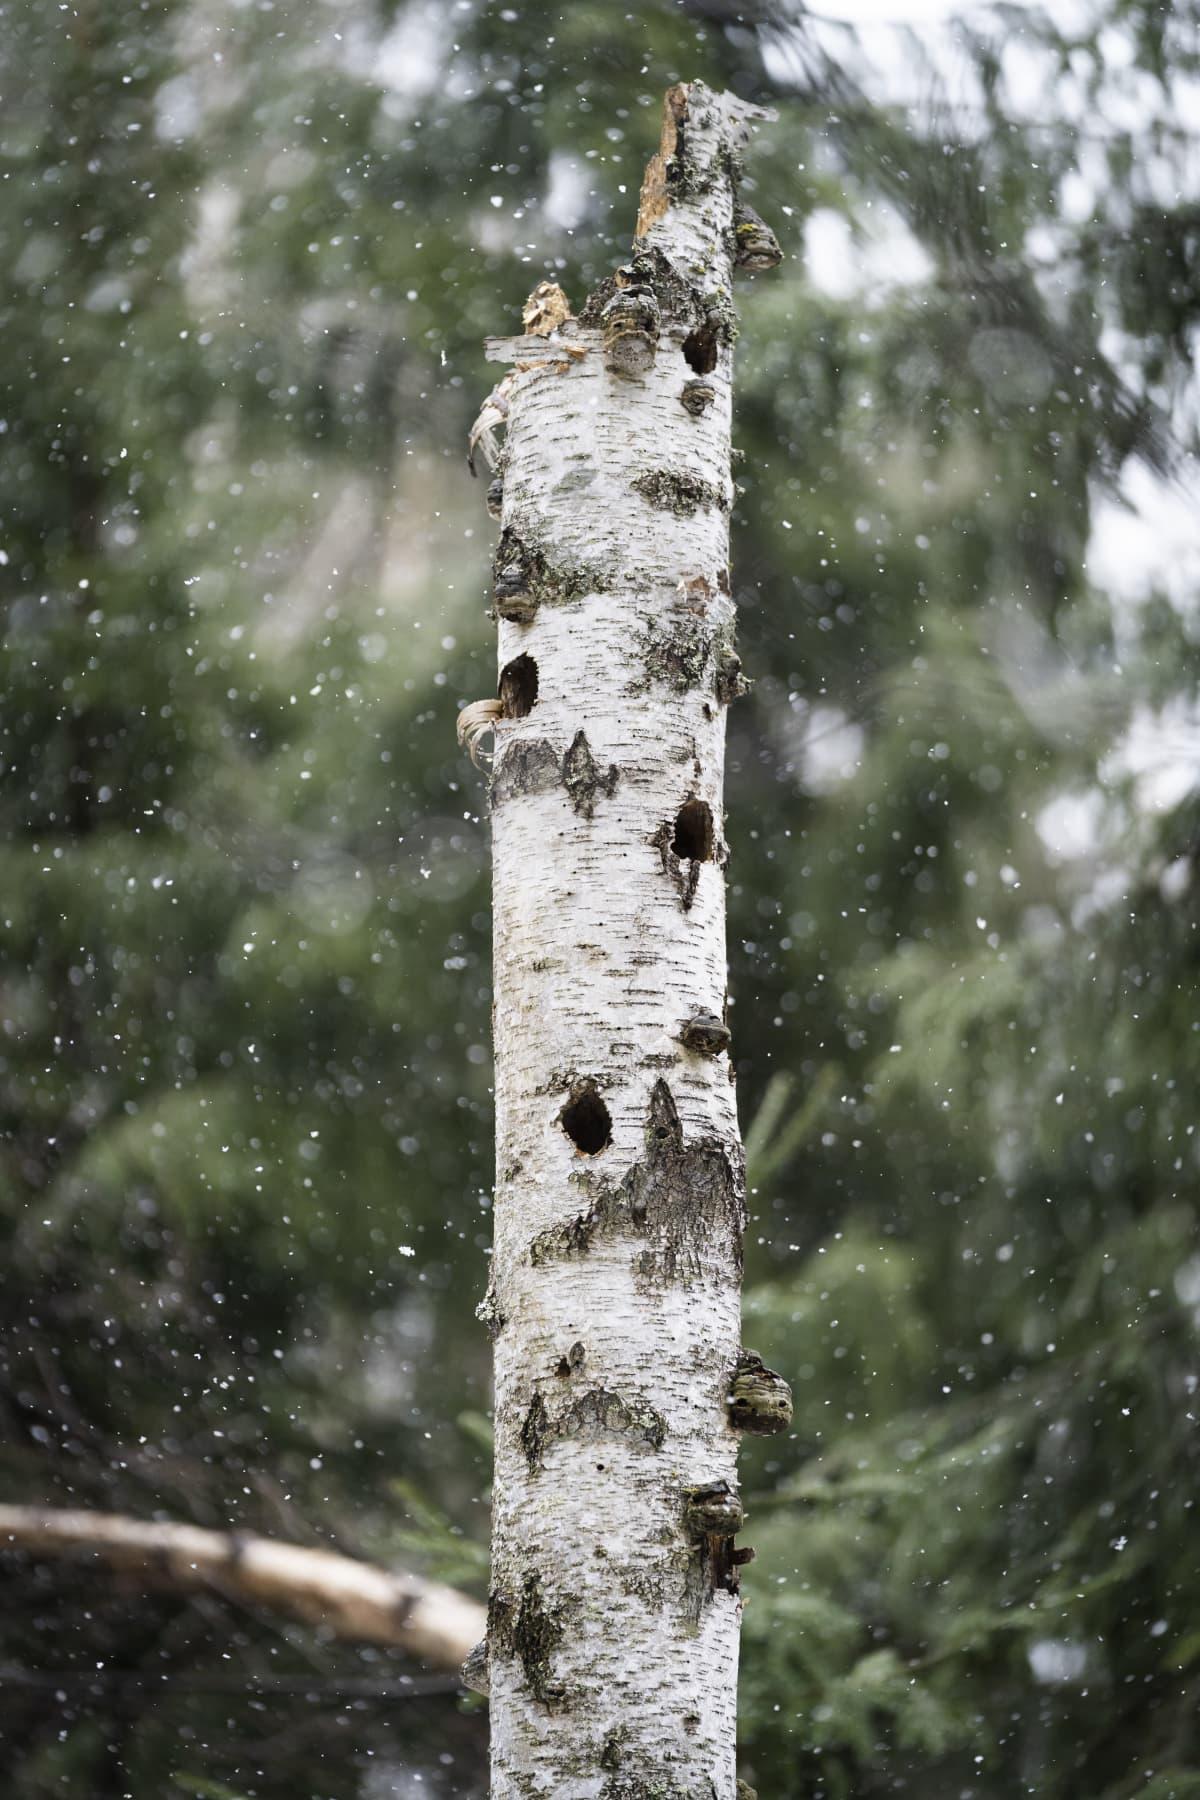 Metsässä pystyynkuollut koivunrunko, missä lintujen koloja.